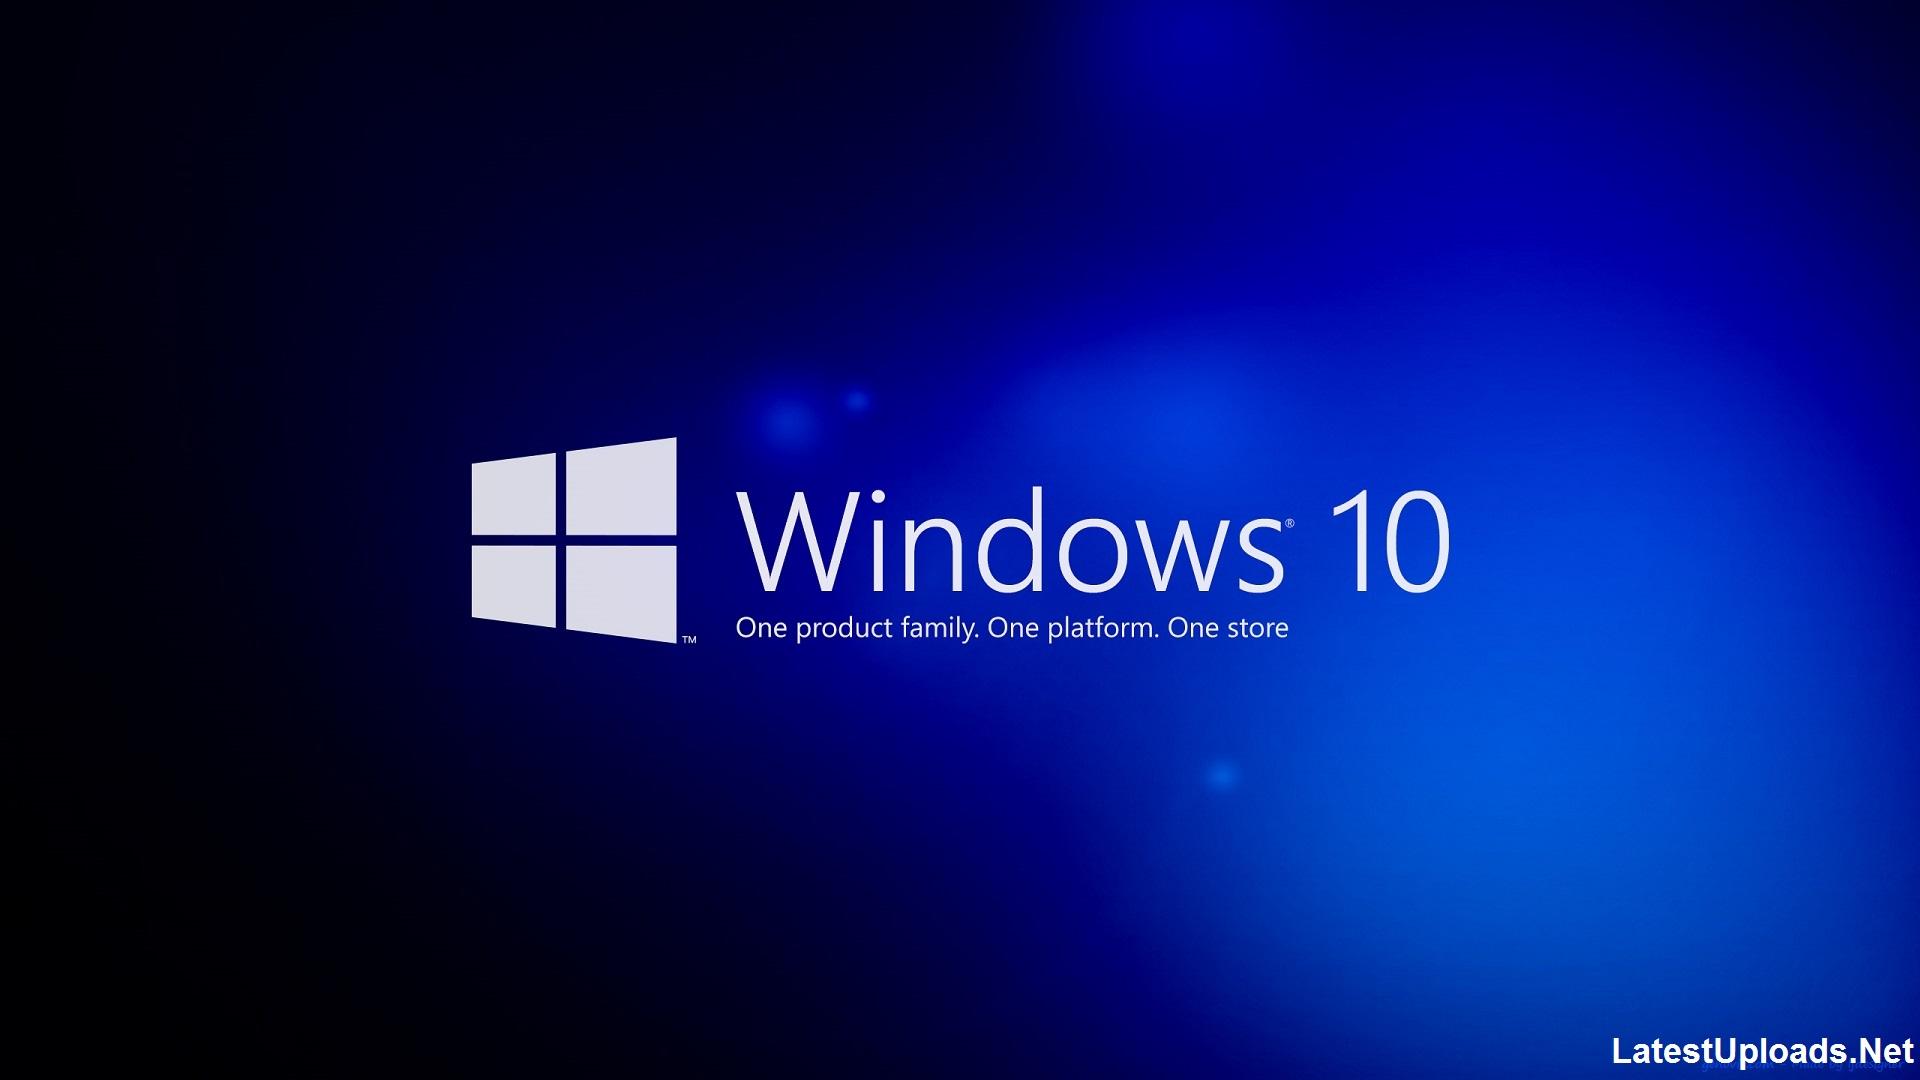 download windows 10 free full version 64 bit